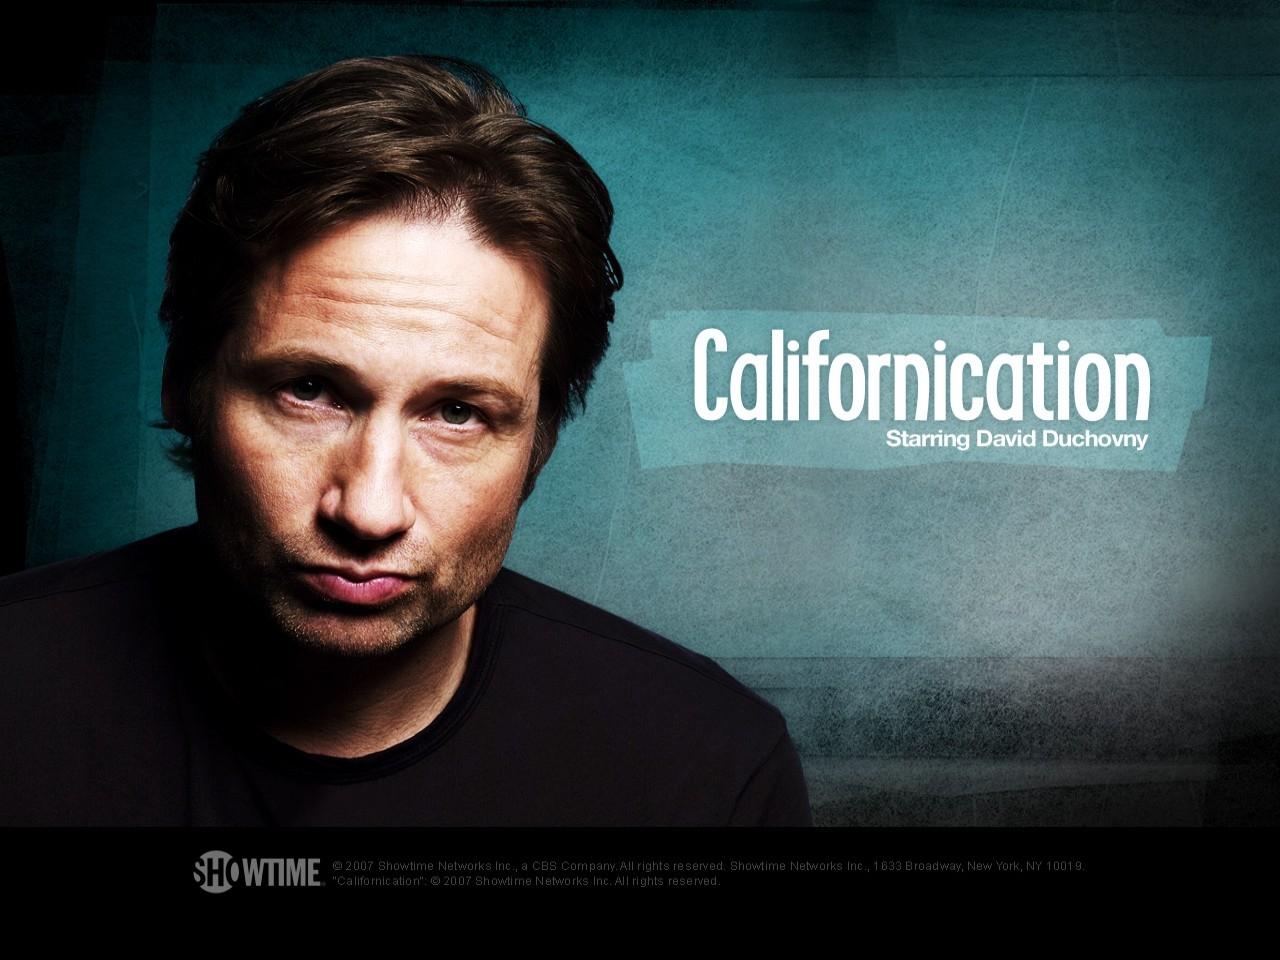 Wallpaper della serie Californication